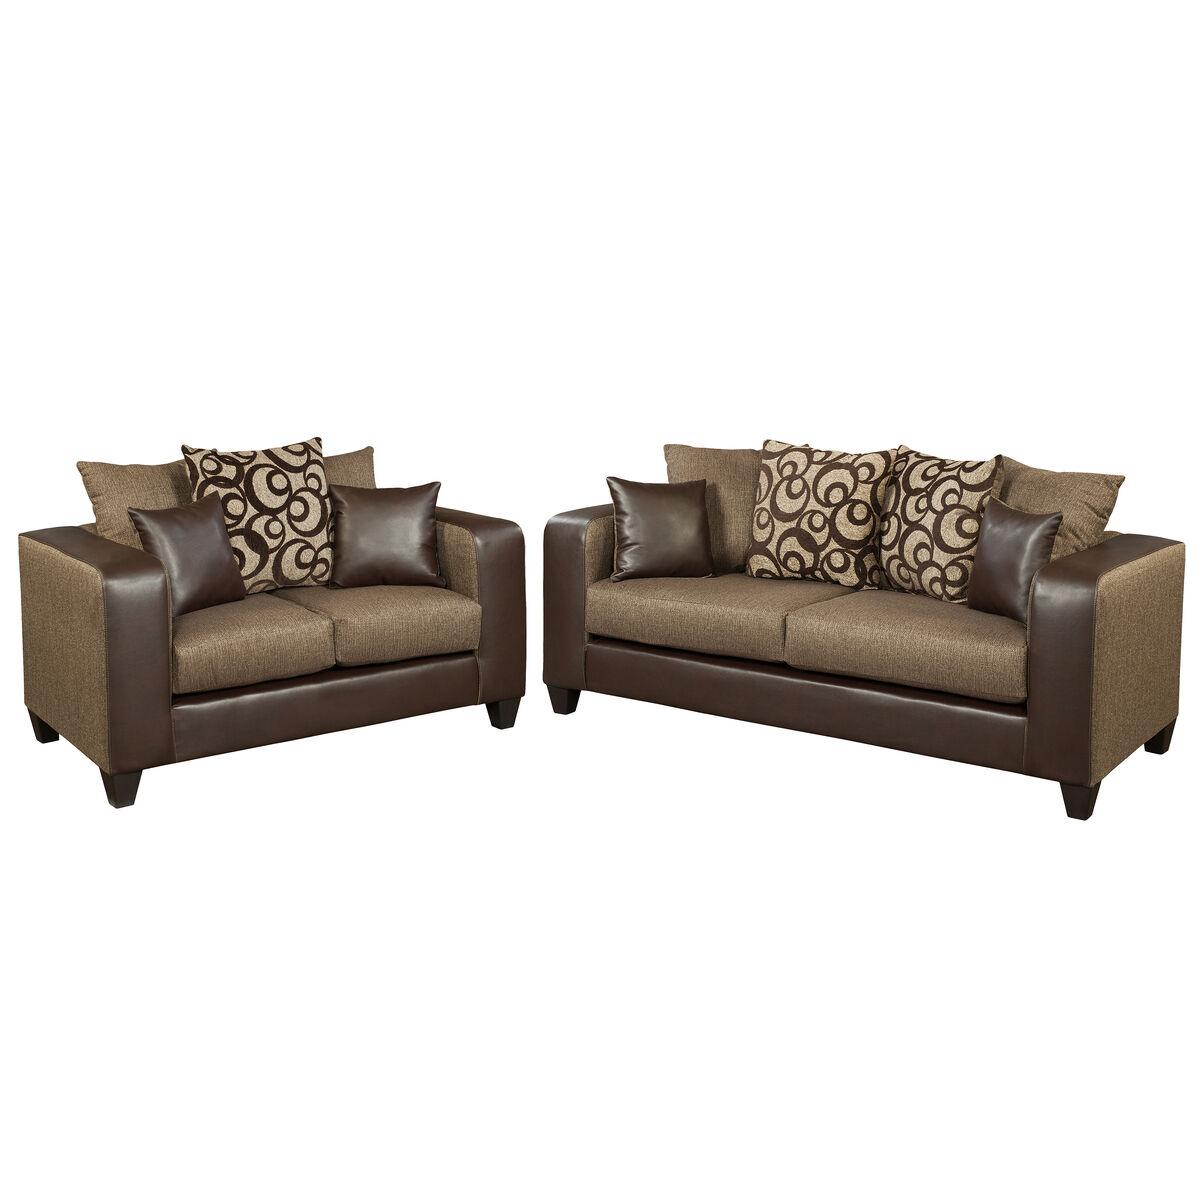 Flash furniture riverstone object espresso chenille living for Runescape xp table 1 99